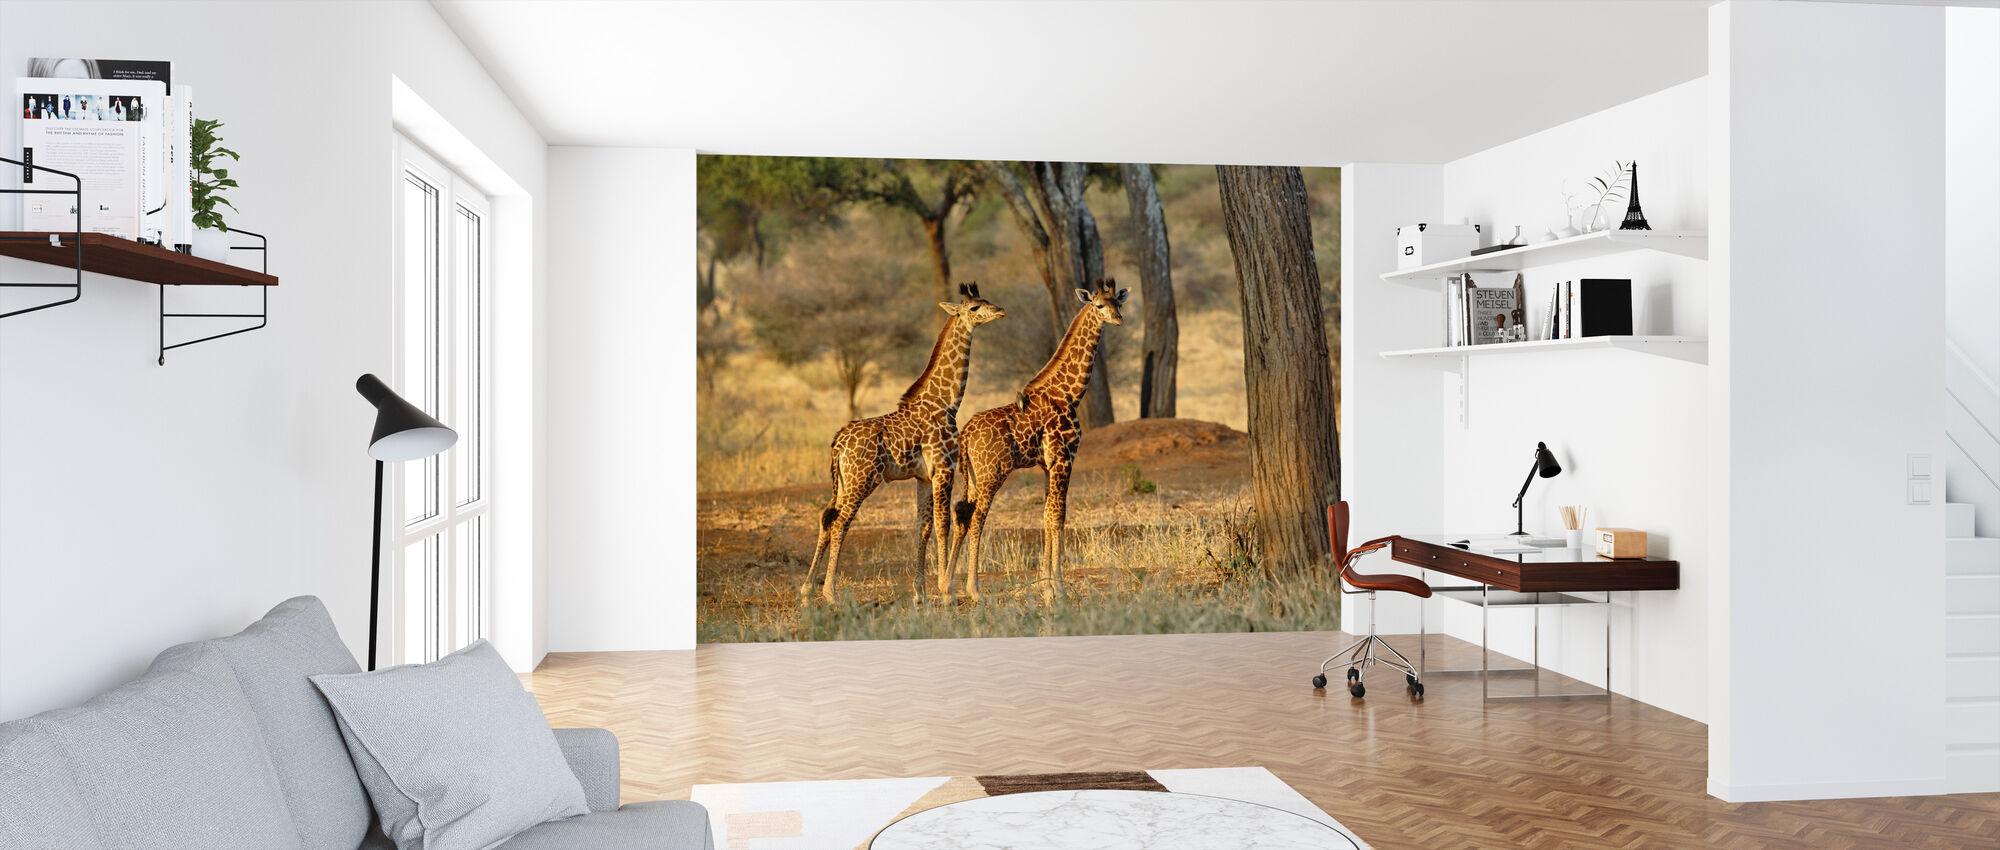 Young Giraffes at Sunset - Wallpaper - Office